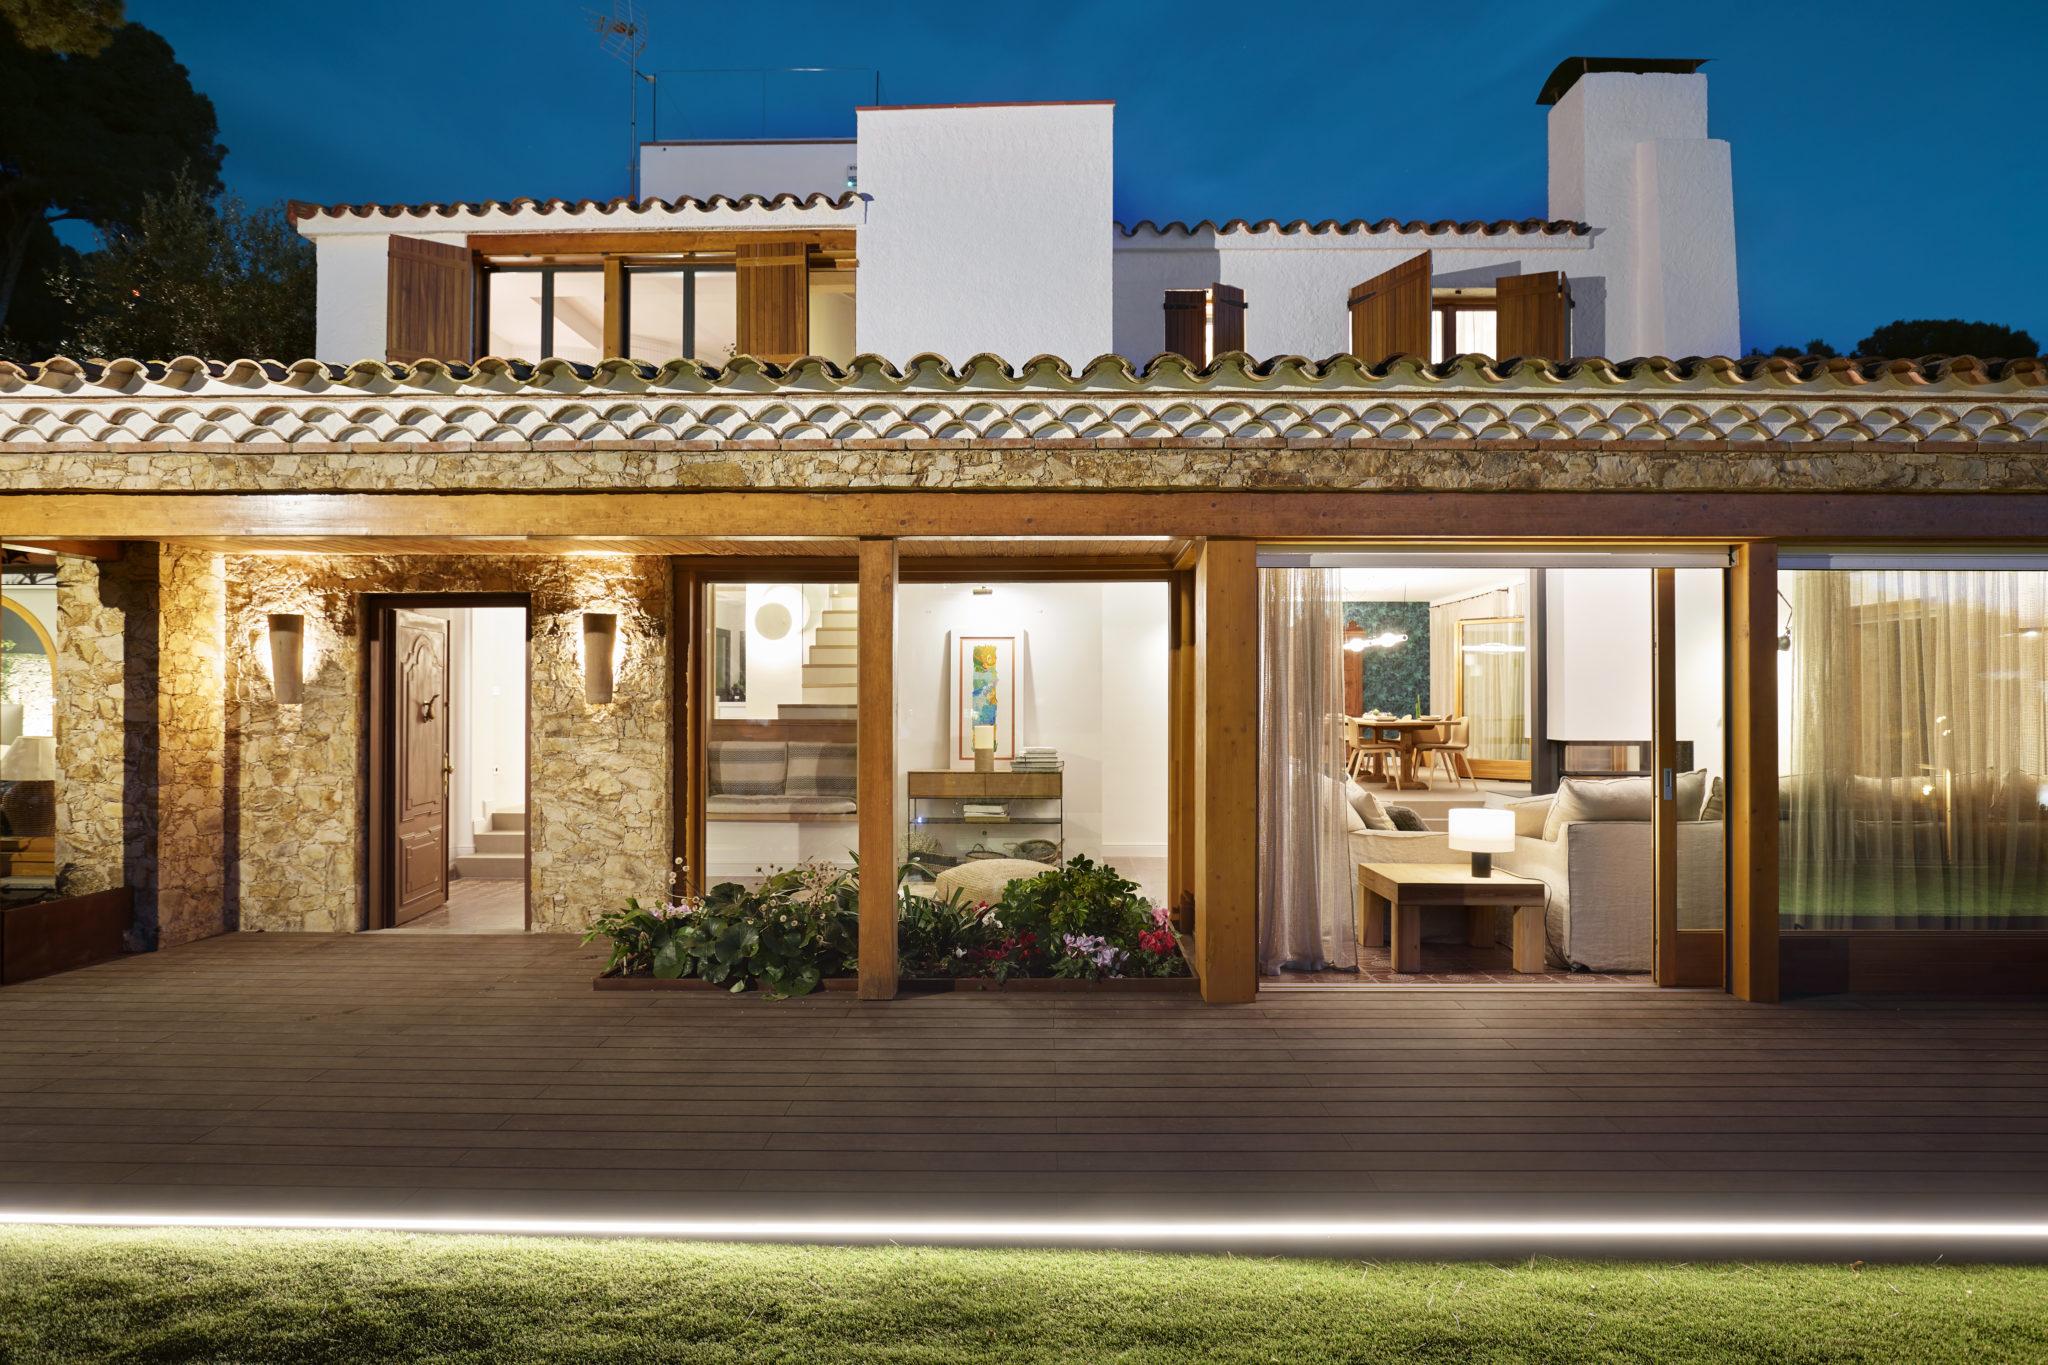 Casa en Llafranc por Rosa Colet Interior Design de noche.